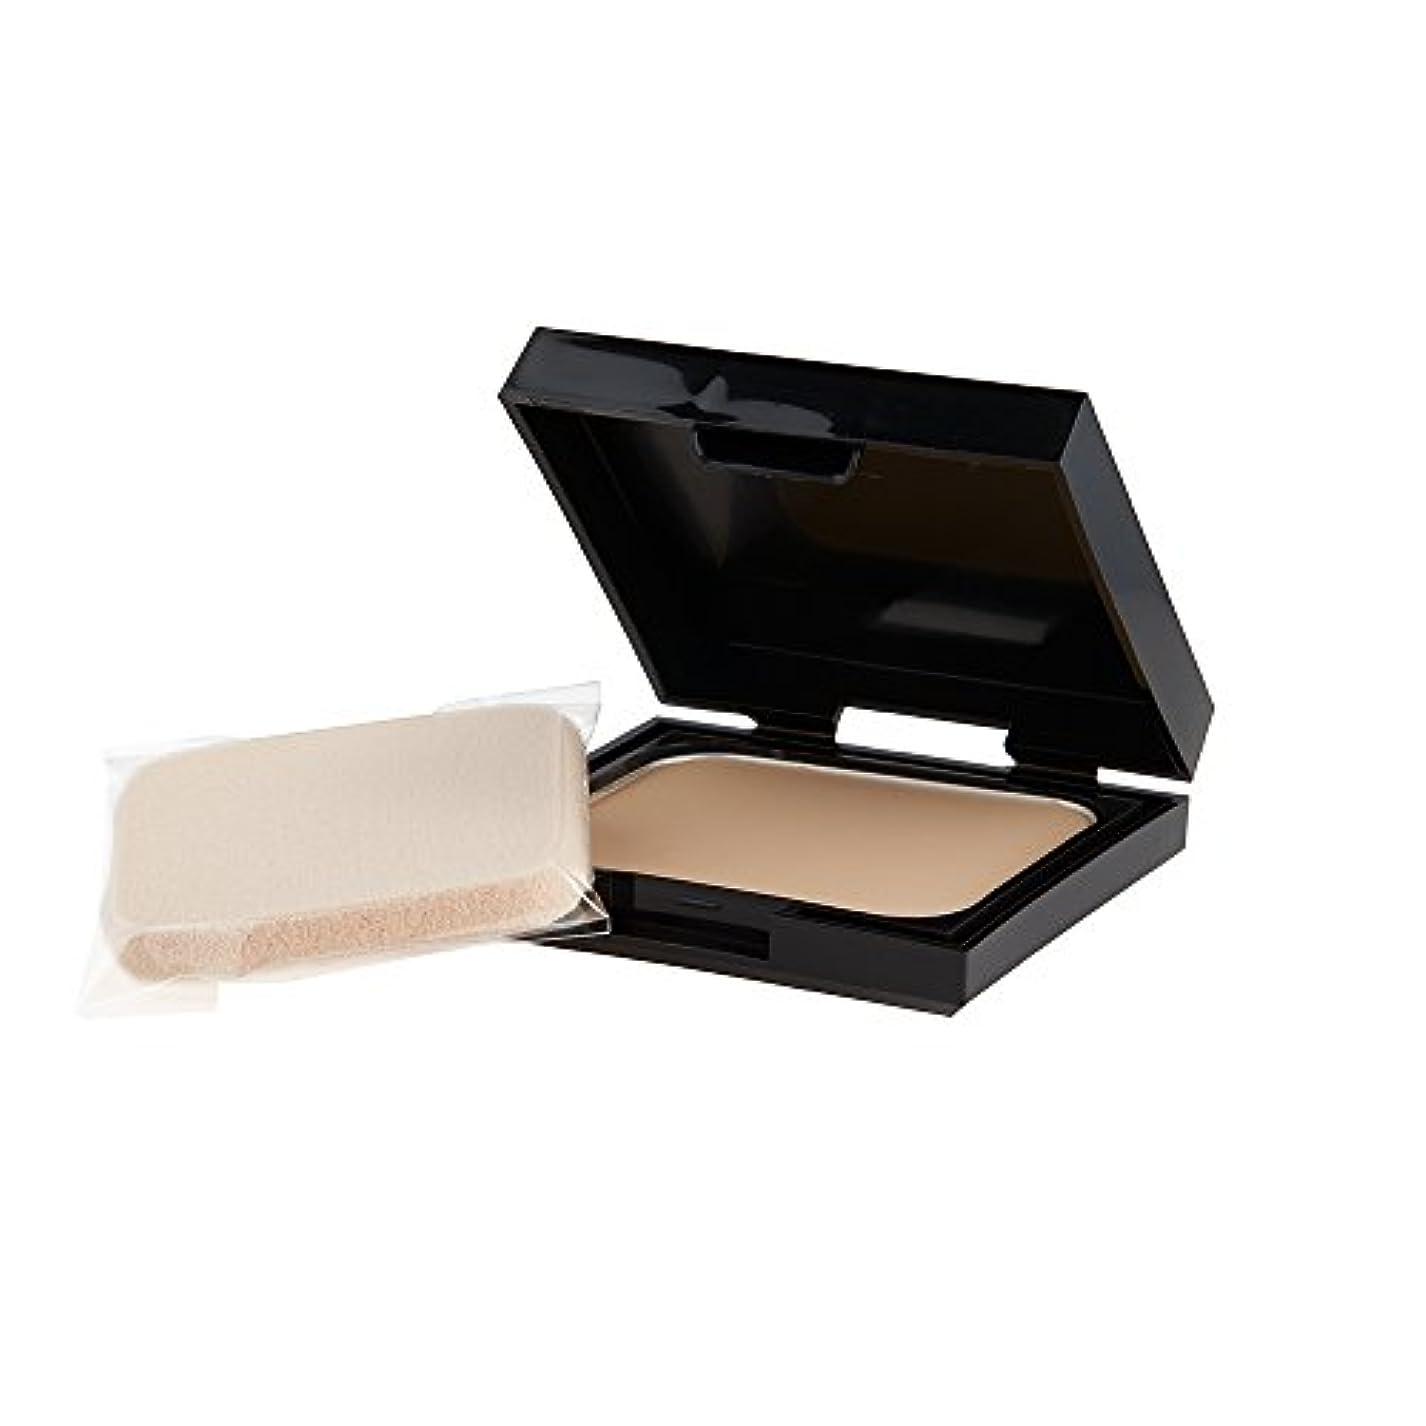 レブロン カラーステイ UV パウダー ファンデーション 002 カラー:<標準色>やや明るめの肌色 オークル 20